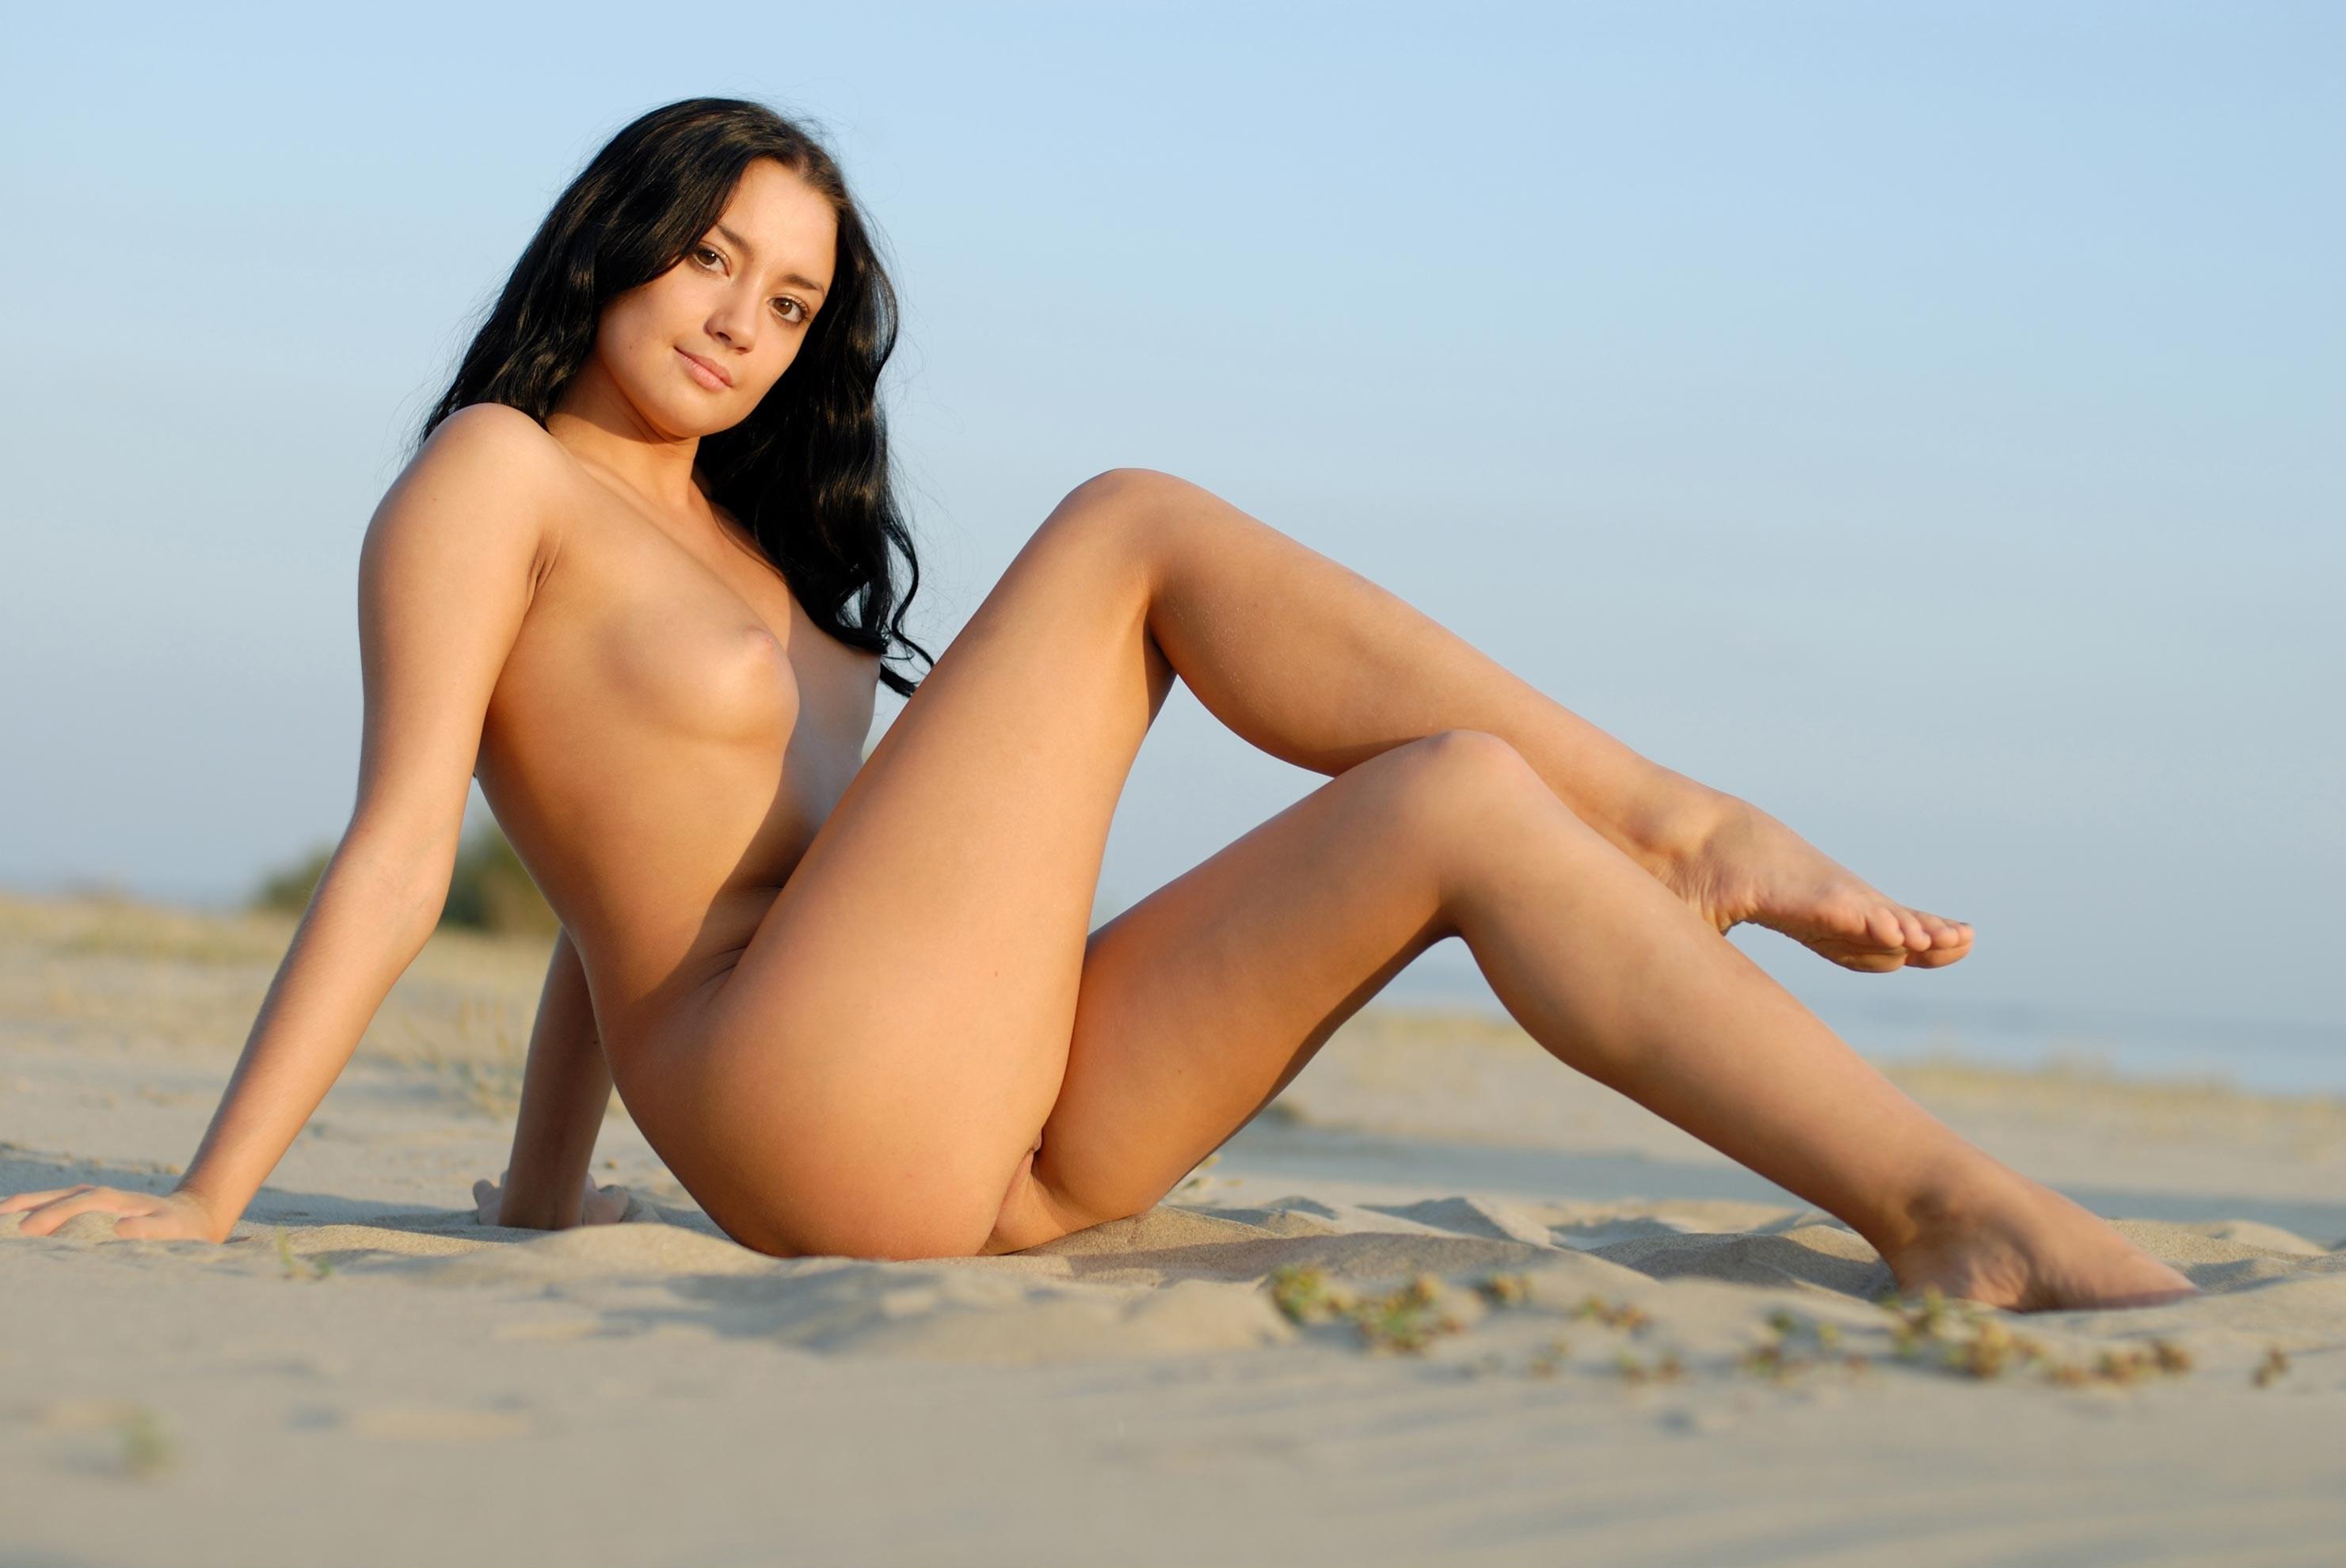 Kenai naked by liviusquinky on deviantart